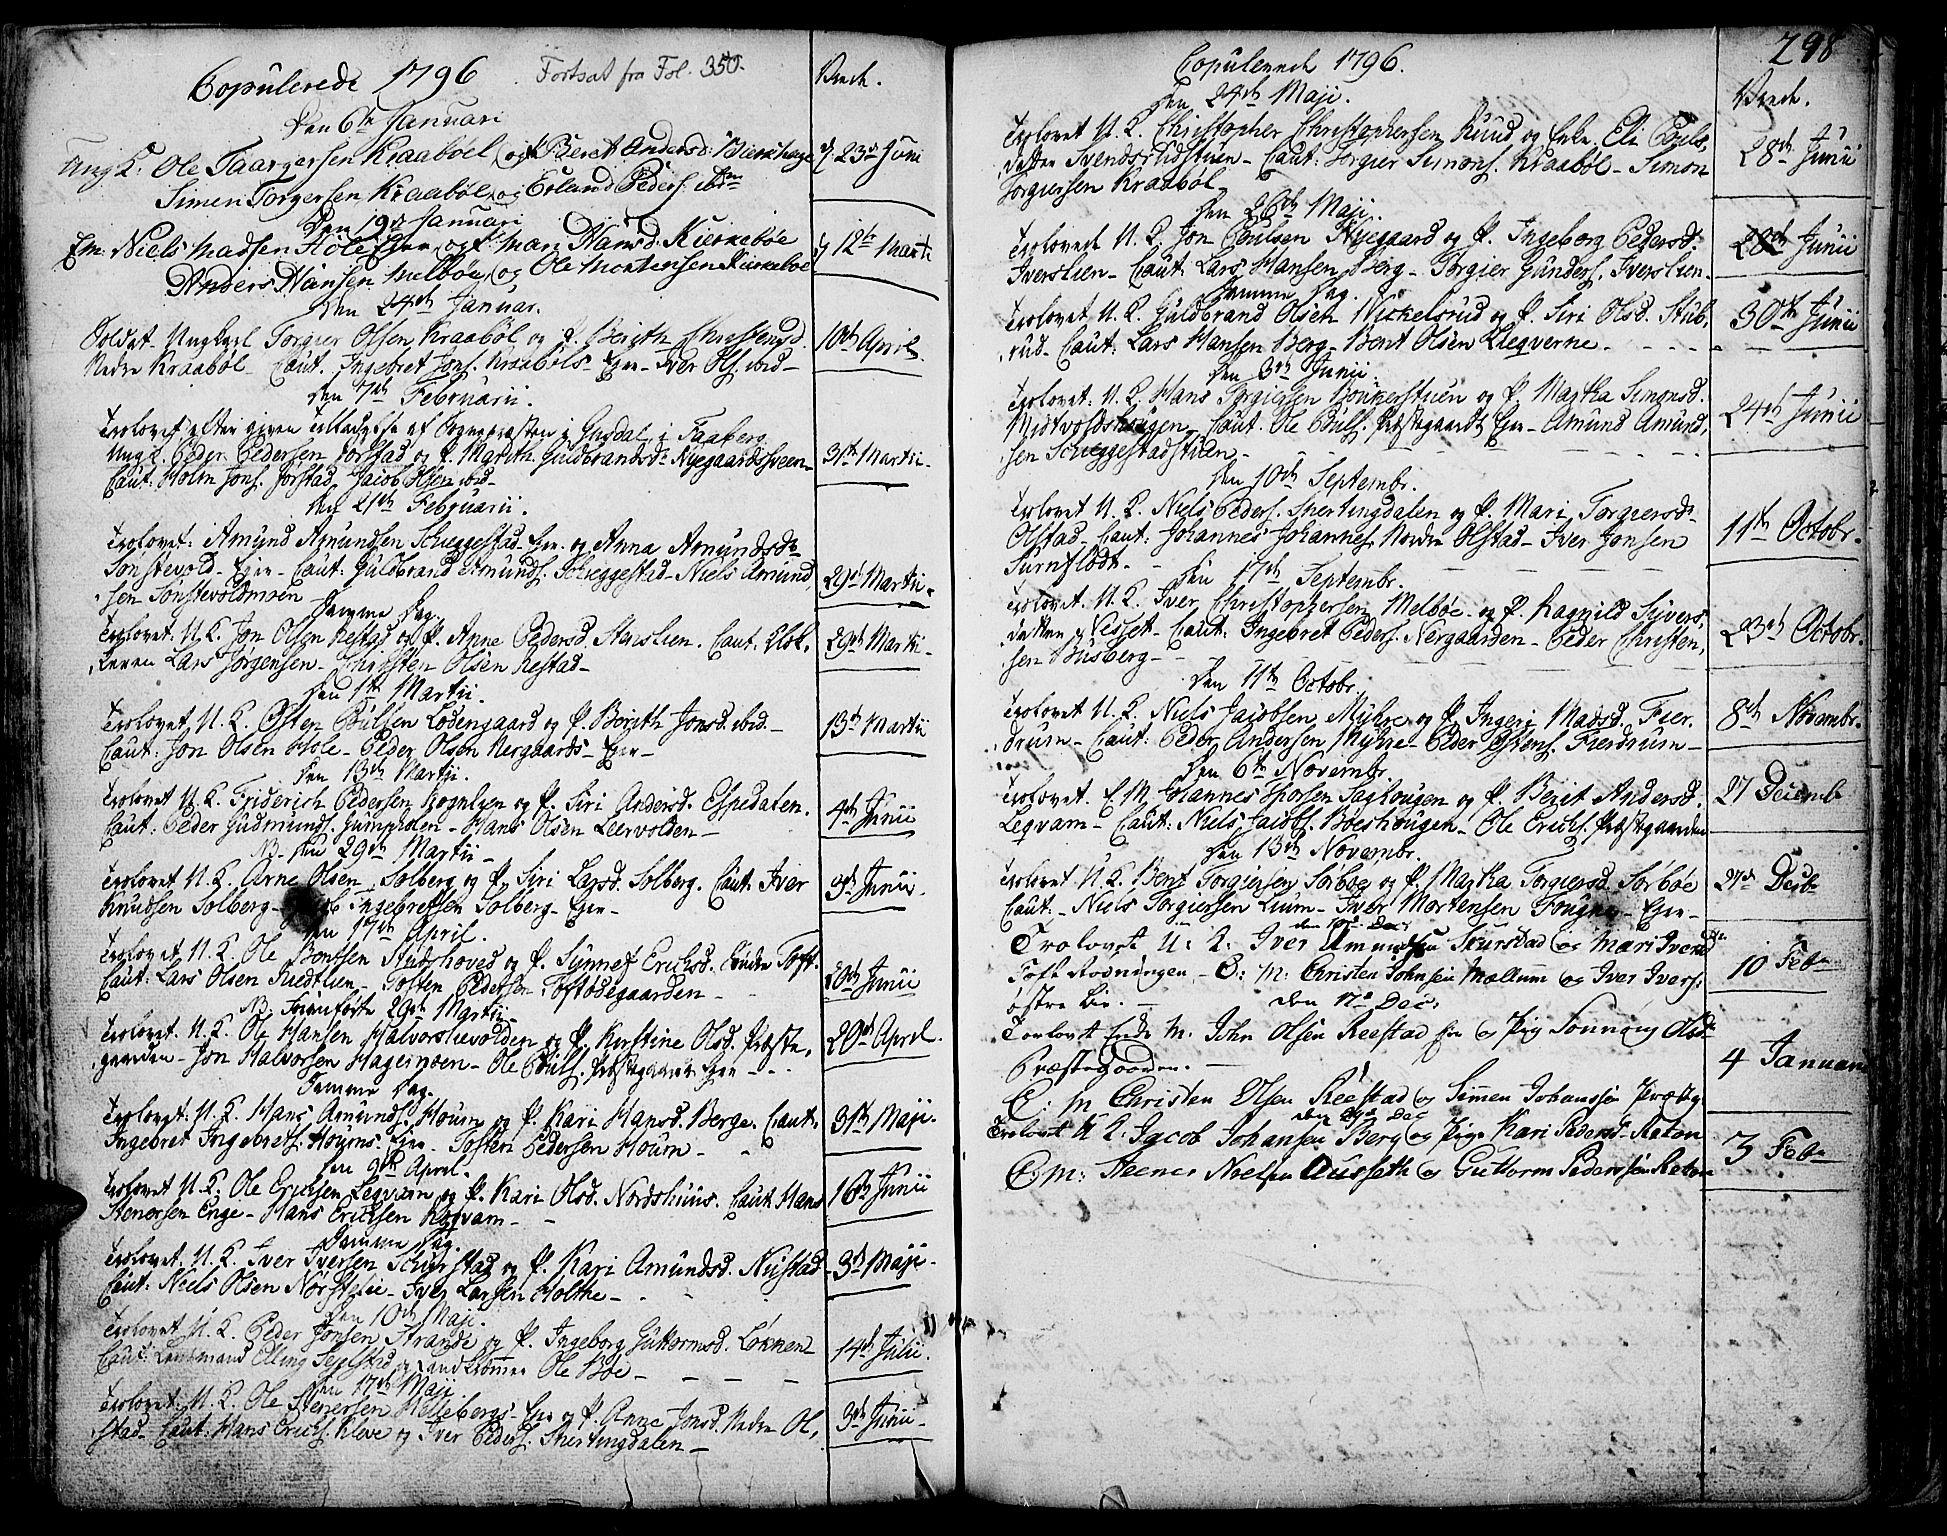 SAH, Gausdal prestekontor, Parish register (official) no. 3, 1758-1809, p. 298